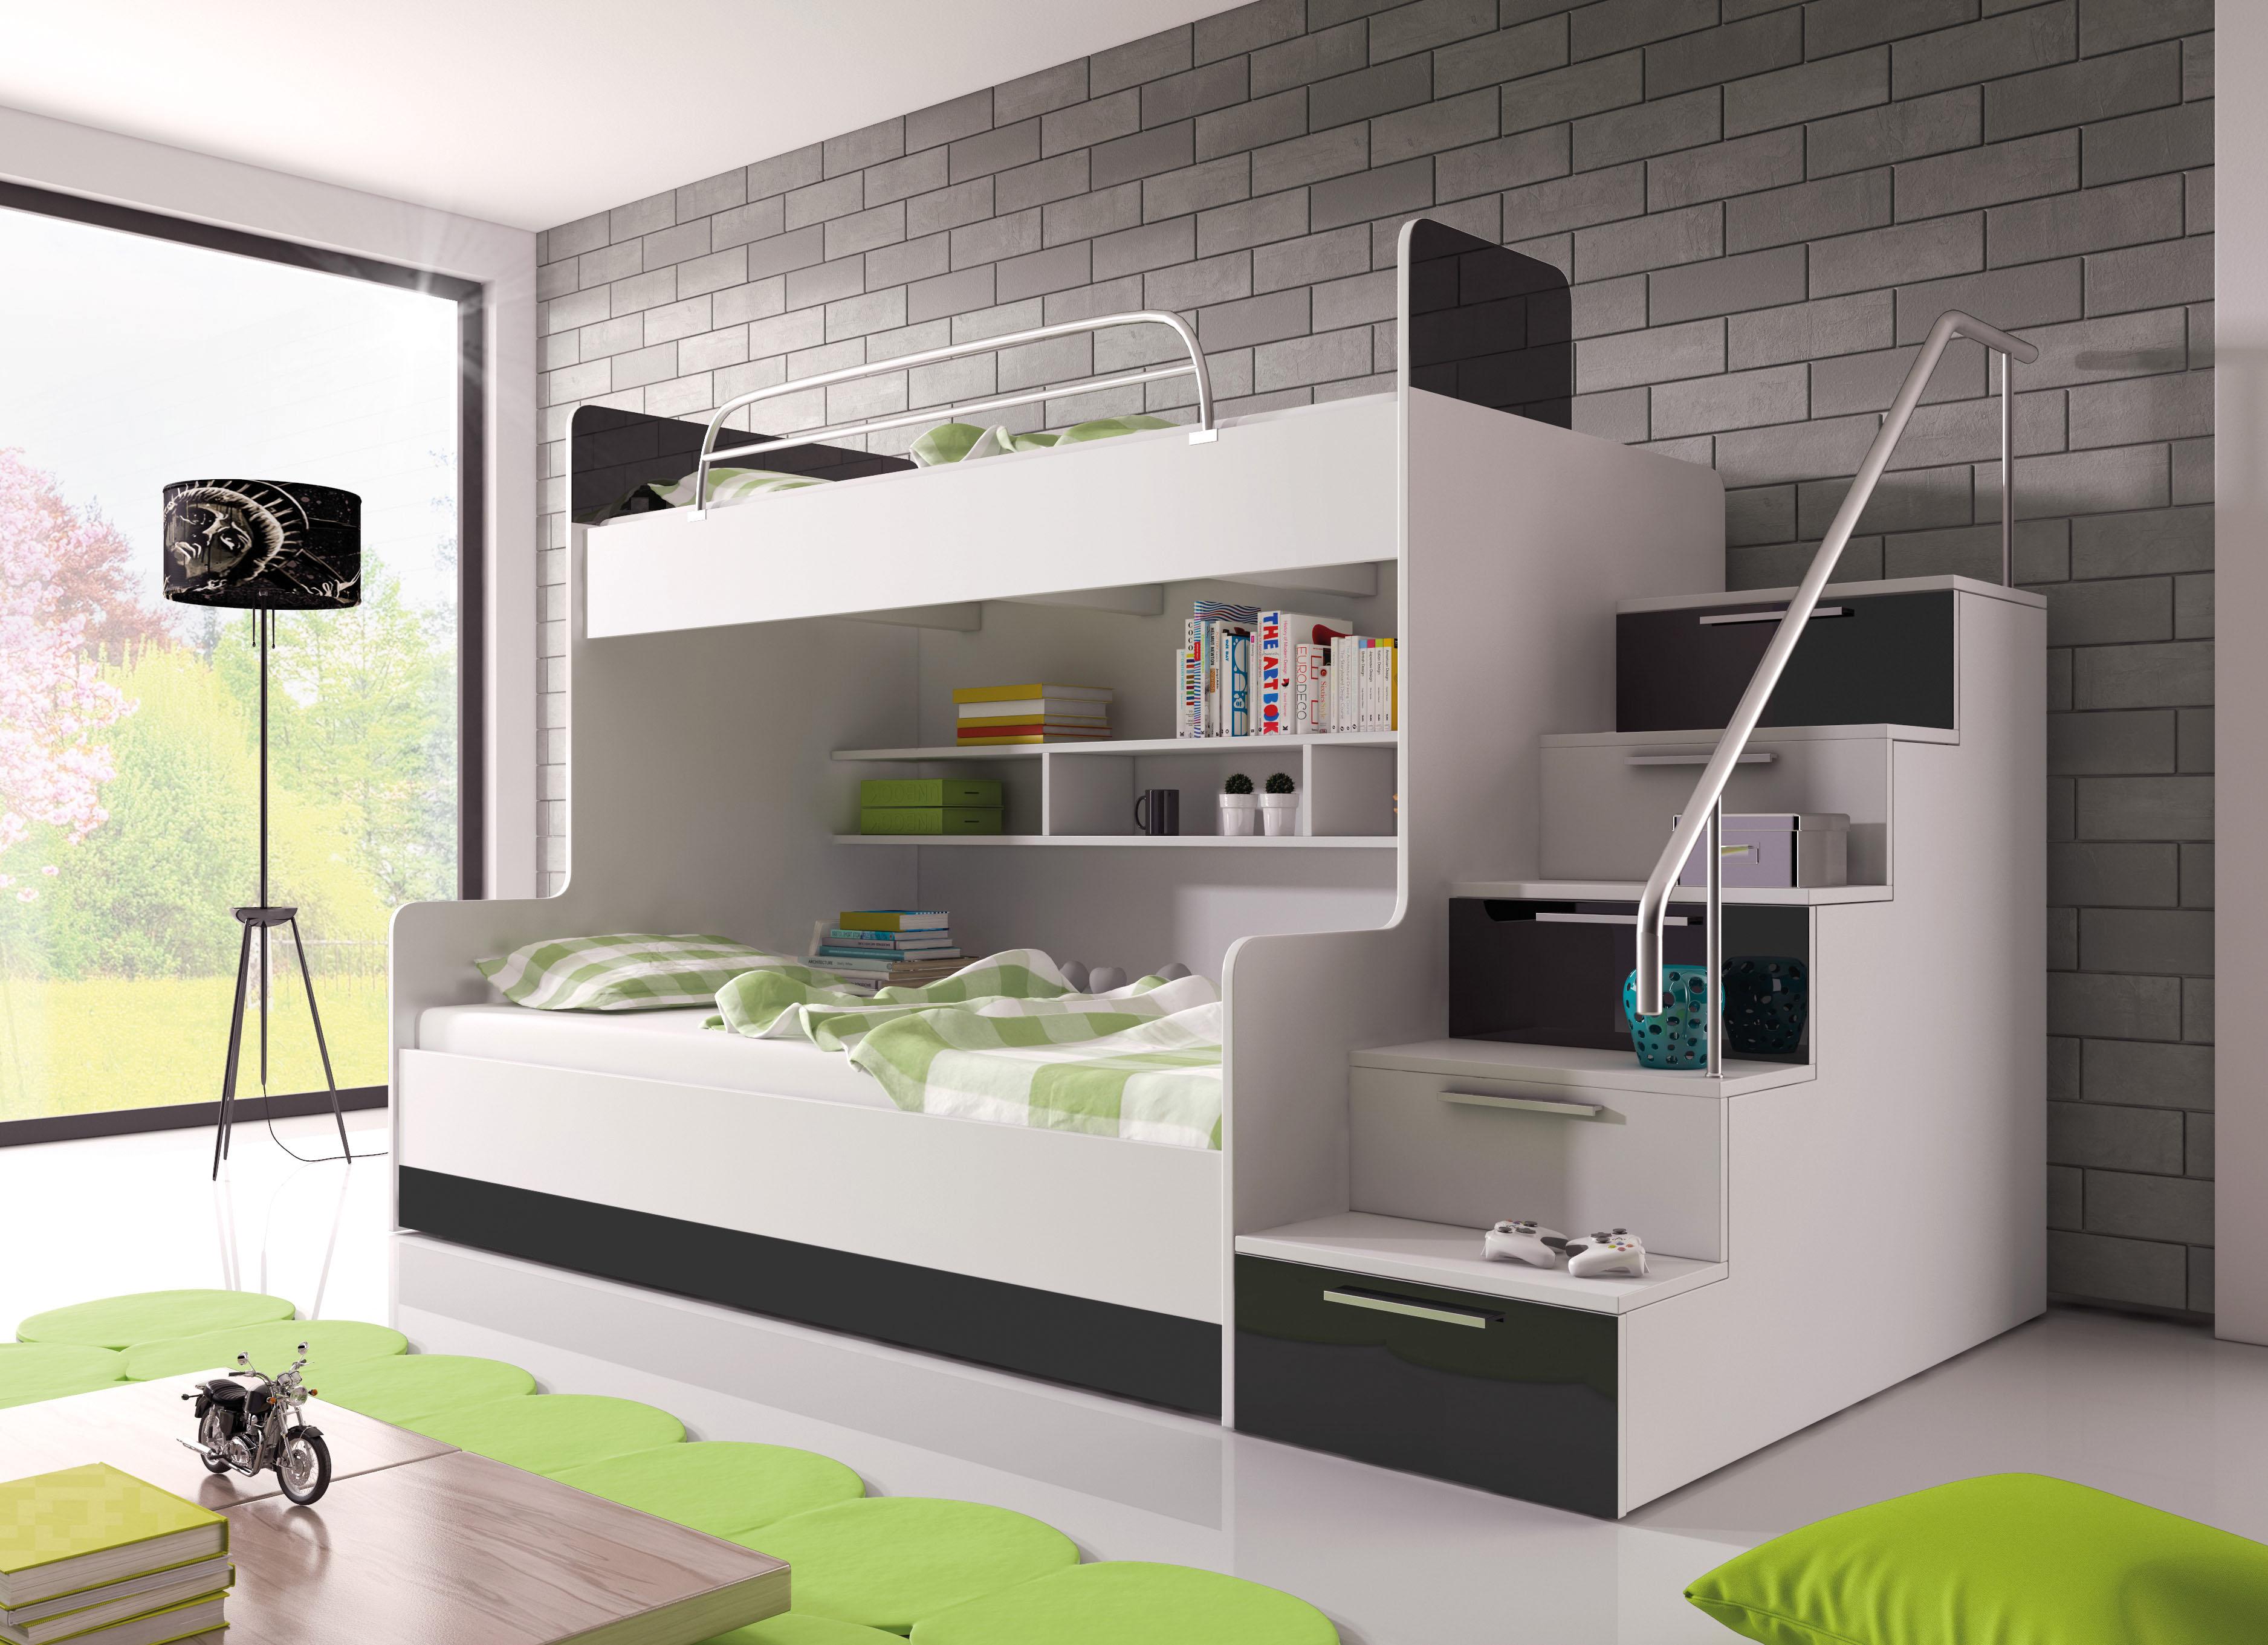 Patrová postel - Ruby II (bílá + černá) (s matrací a roštem)